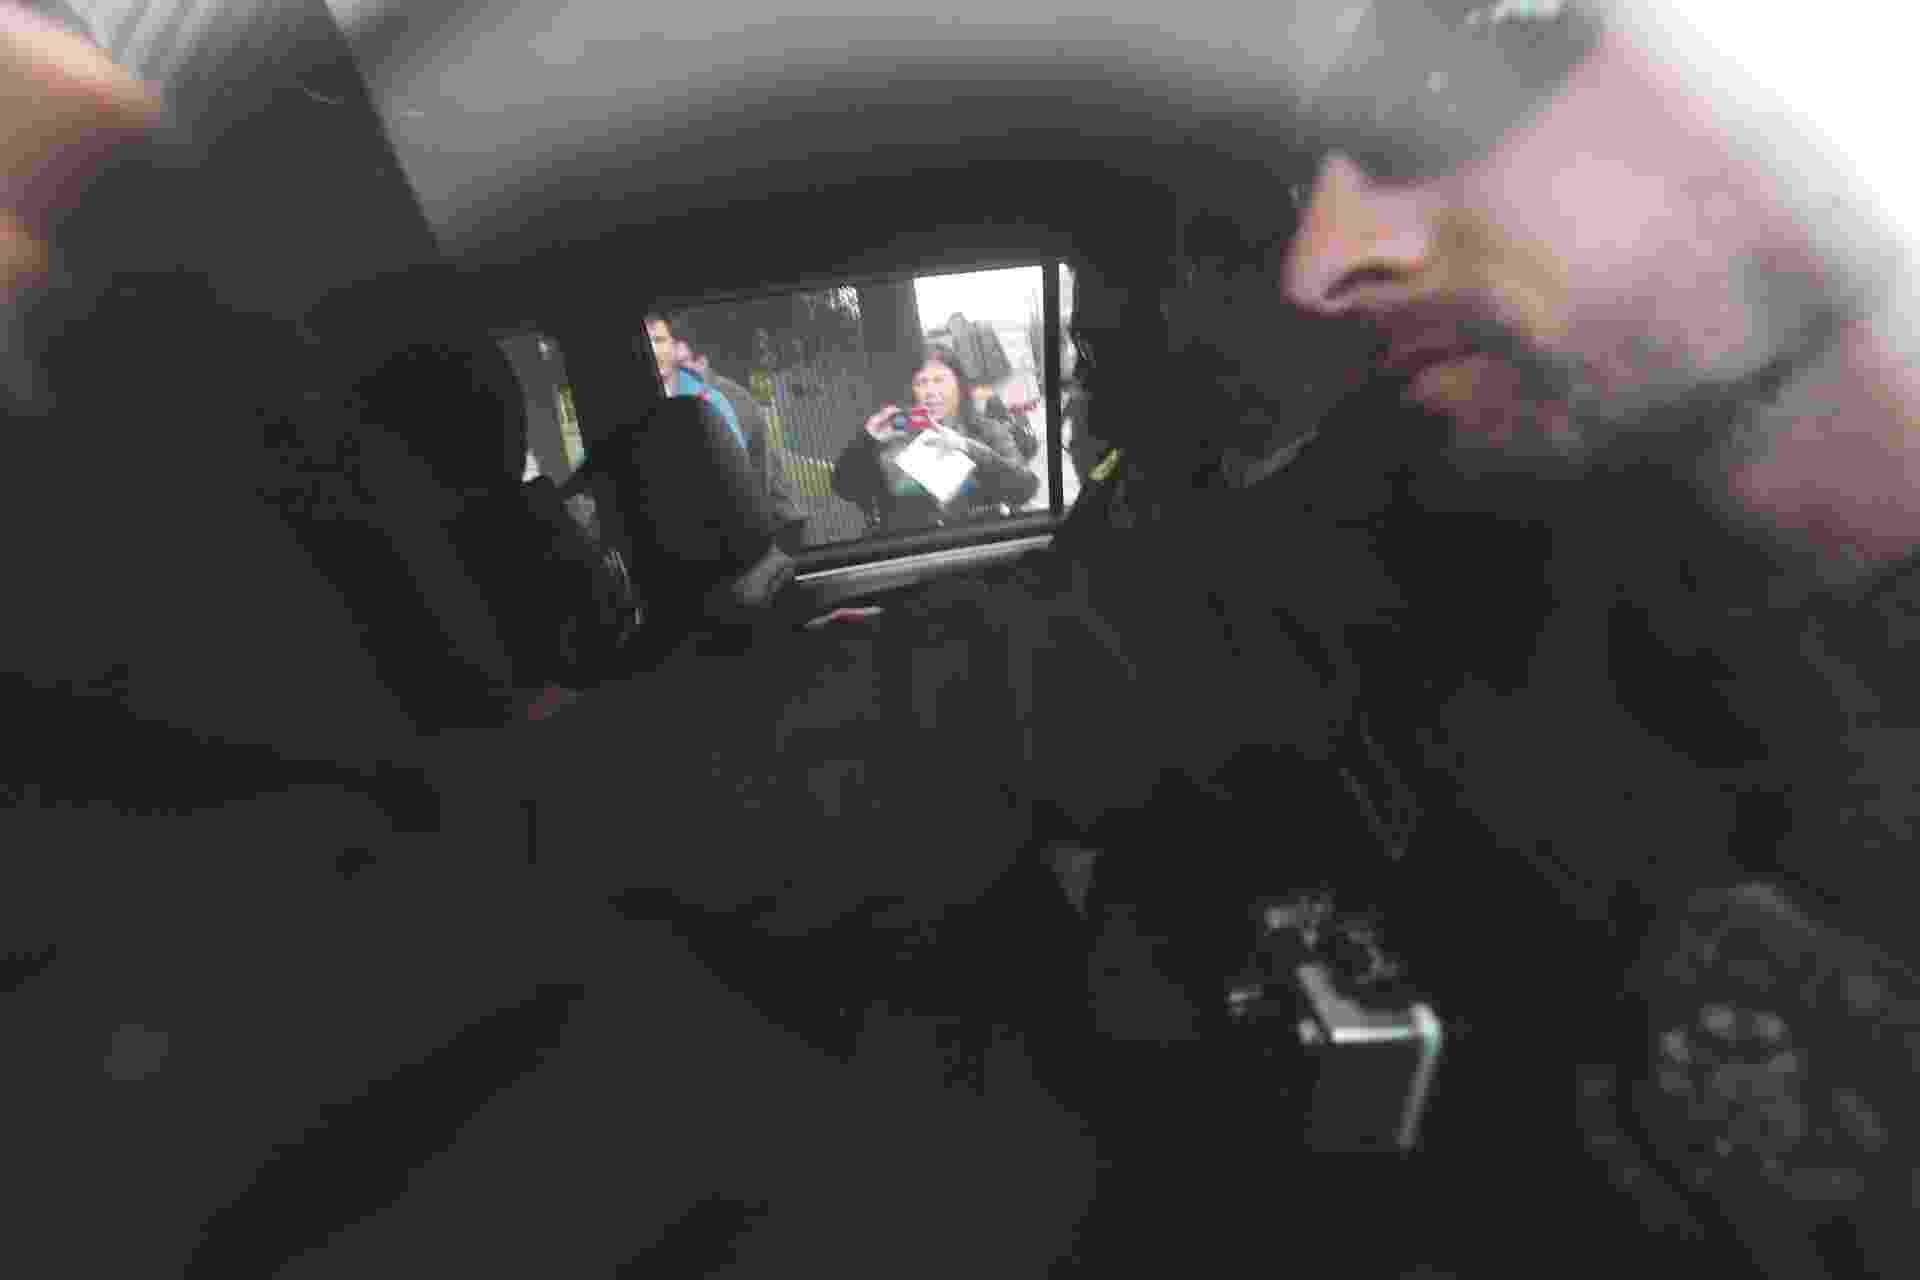 26.set.2016 - O ex-ministro da Casa Civil e da Fazenda Antonio Palocci (PT) (ao centro) foi preso temporariamente na 35ª fase da Operação Lava Jato, em São Paulo. A nova fase da operação, intitulada Omertà, investiga indícios de uma relação criminosa entre o ex-ministro e a empreiteira Odebrecht - Danilo Verpa/Folhapress